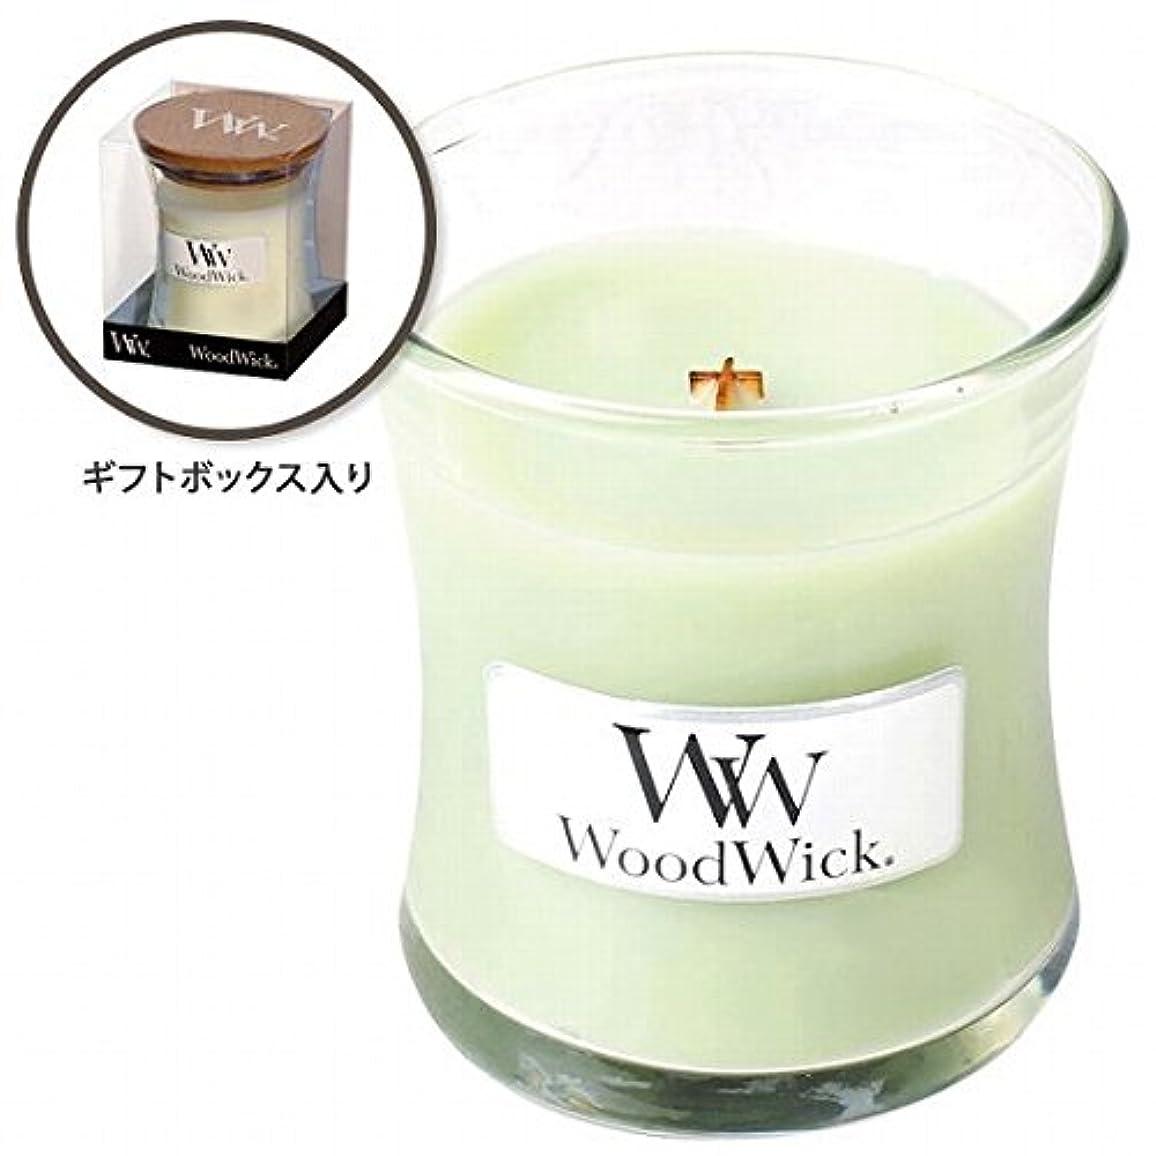 恨み行科学者ウッドウィック( WoodWick ) Wood WickジャーS 「ライムジェラート」